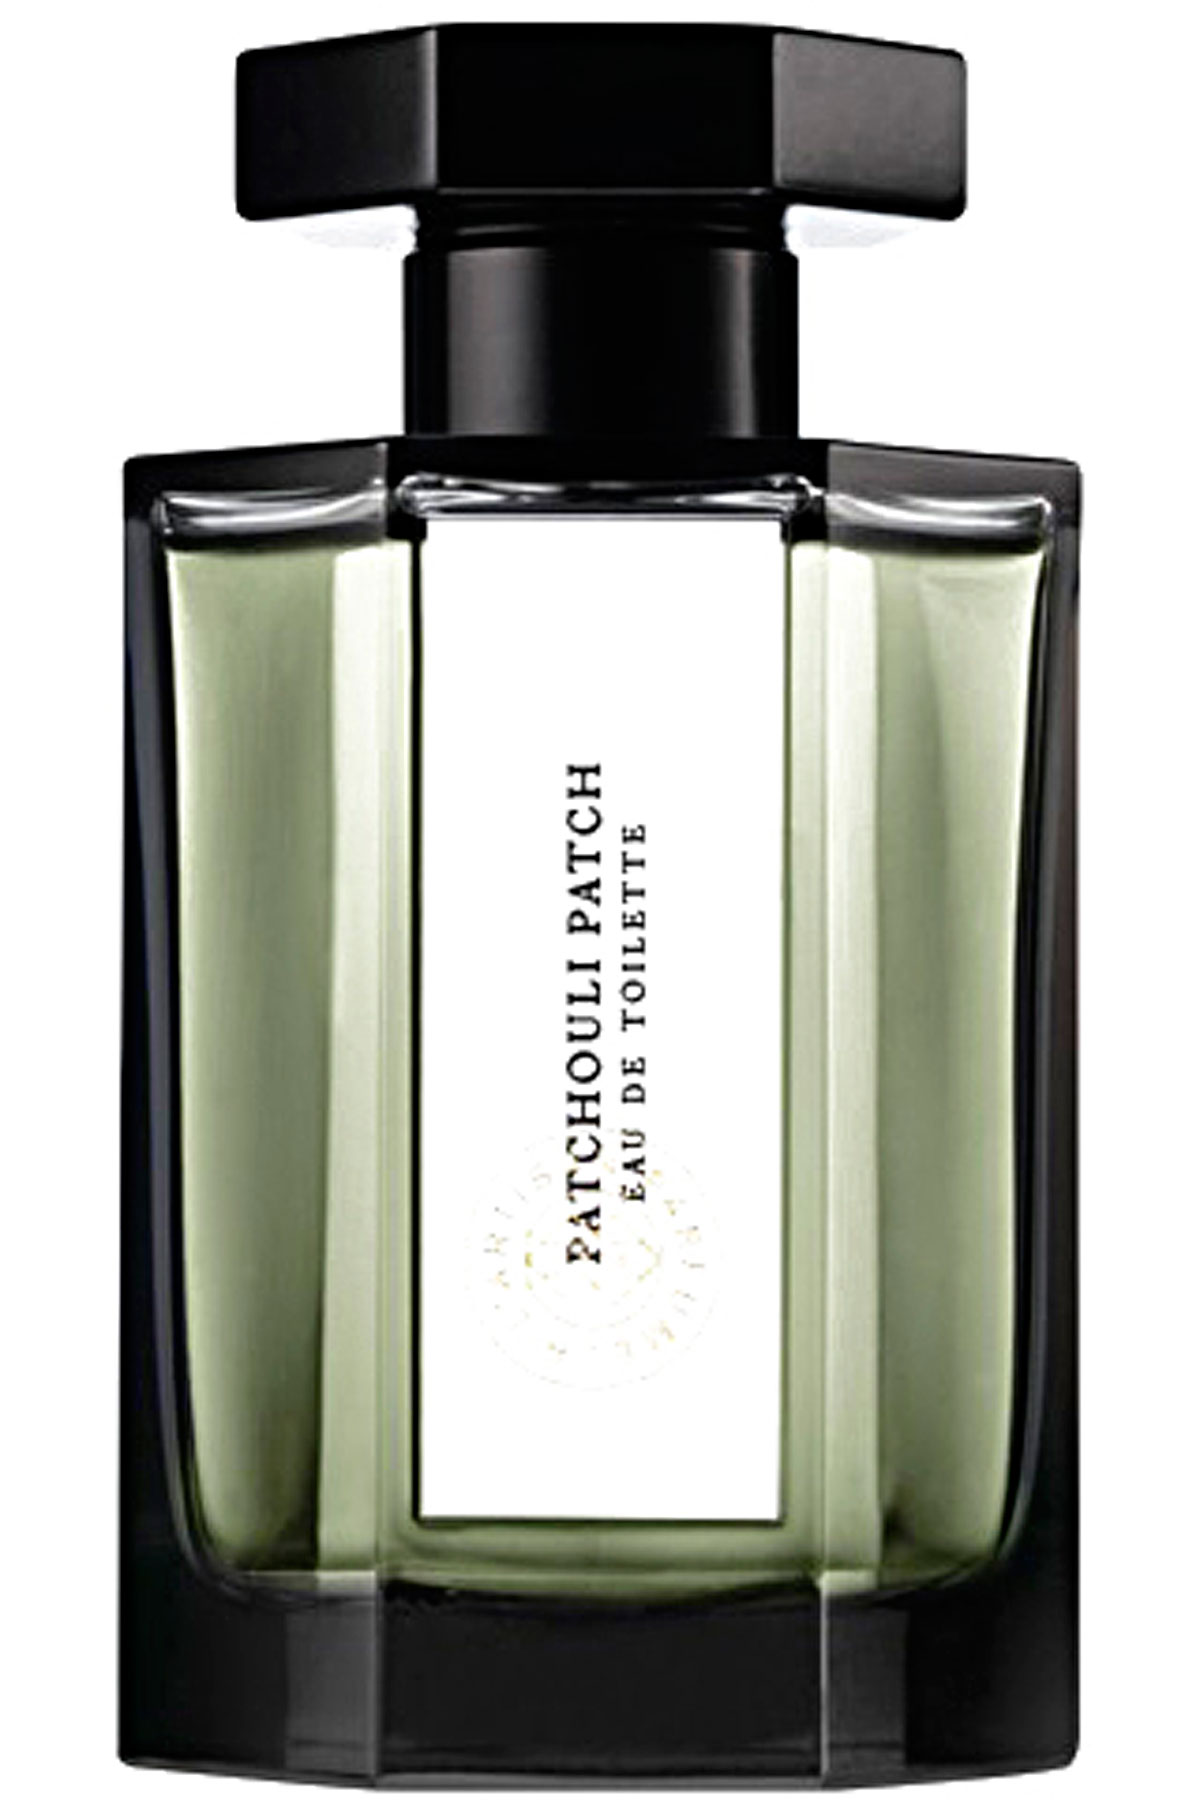 Artisan Parfumeur Fragrances for Women, Patchouli Patch - Eau De Toilette - 100 Ml, 2019, 100 ml